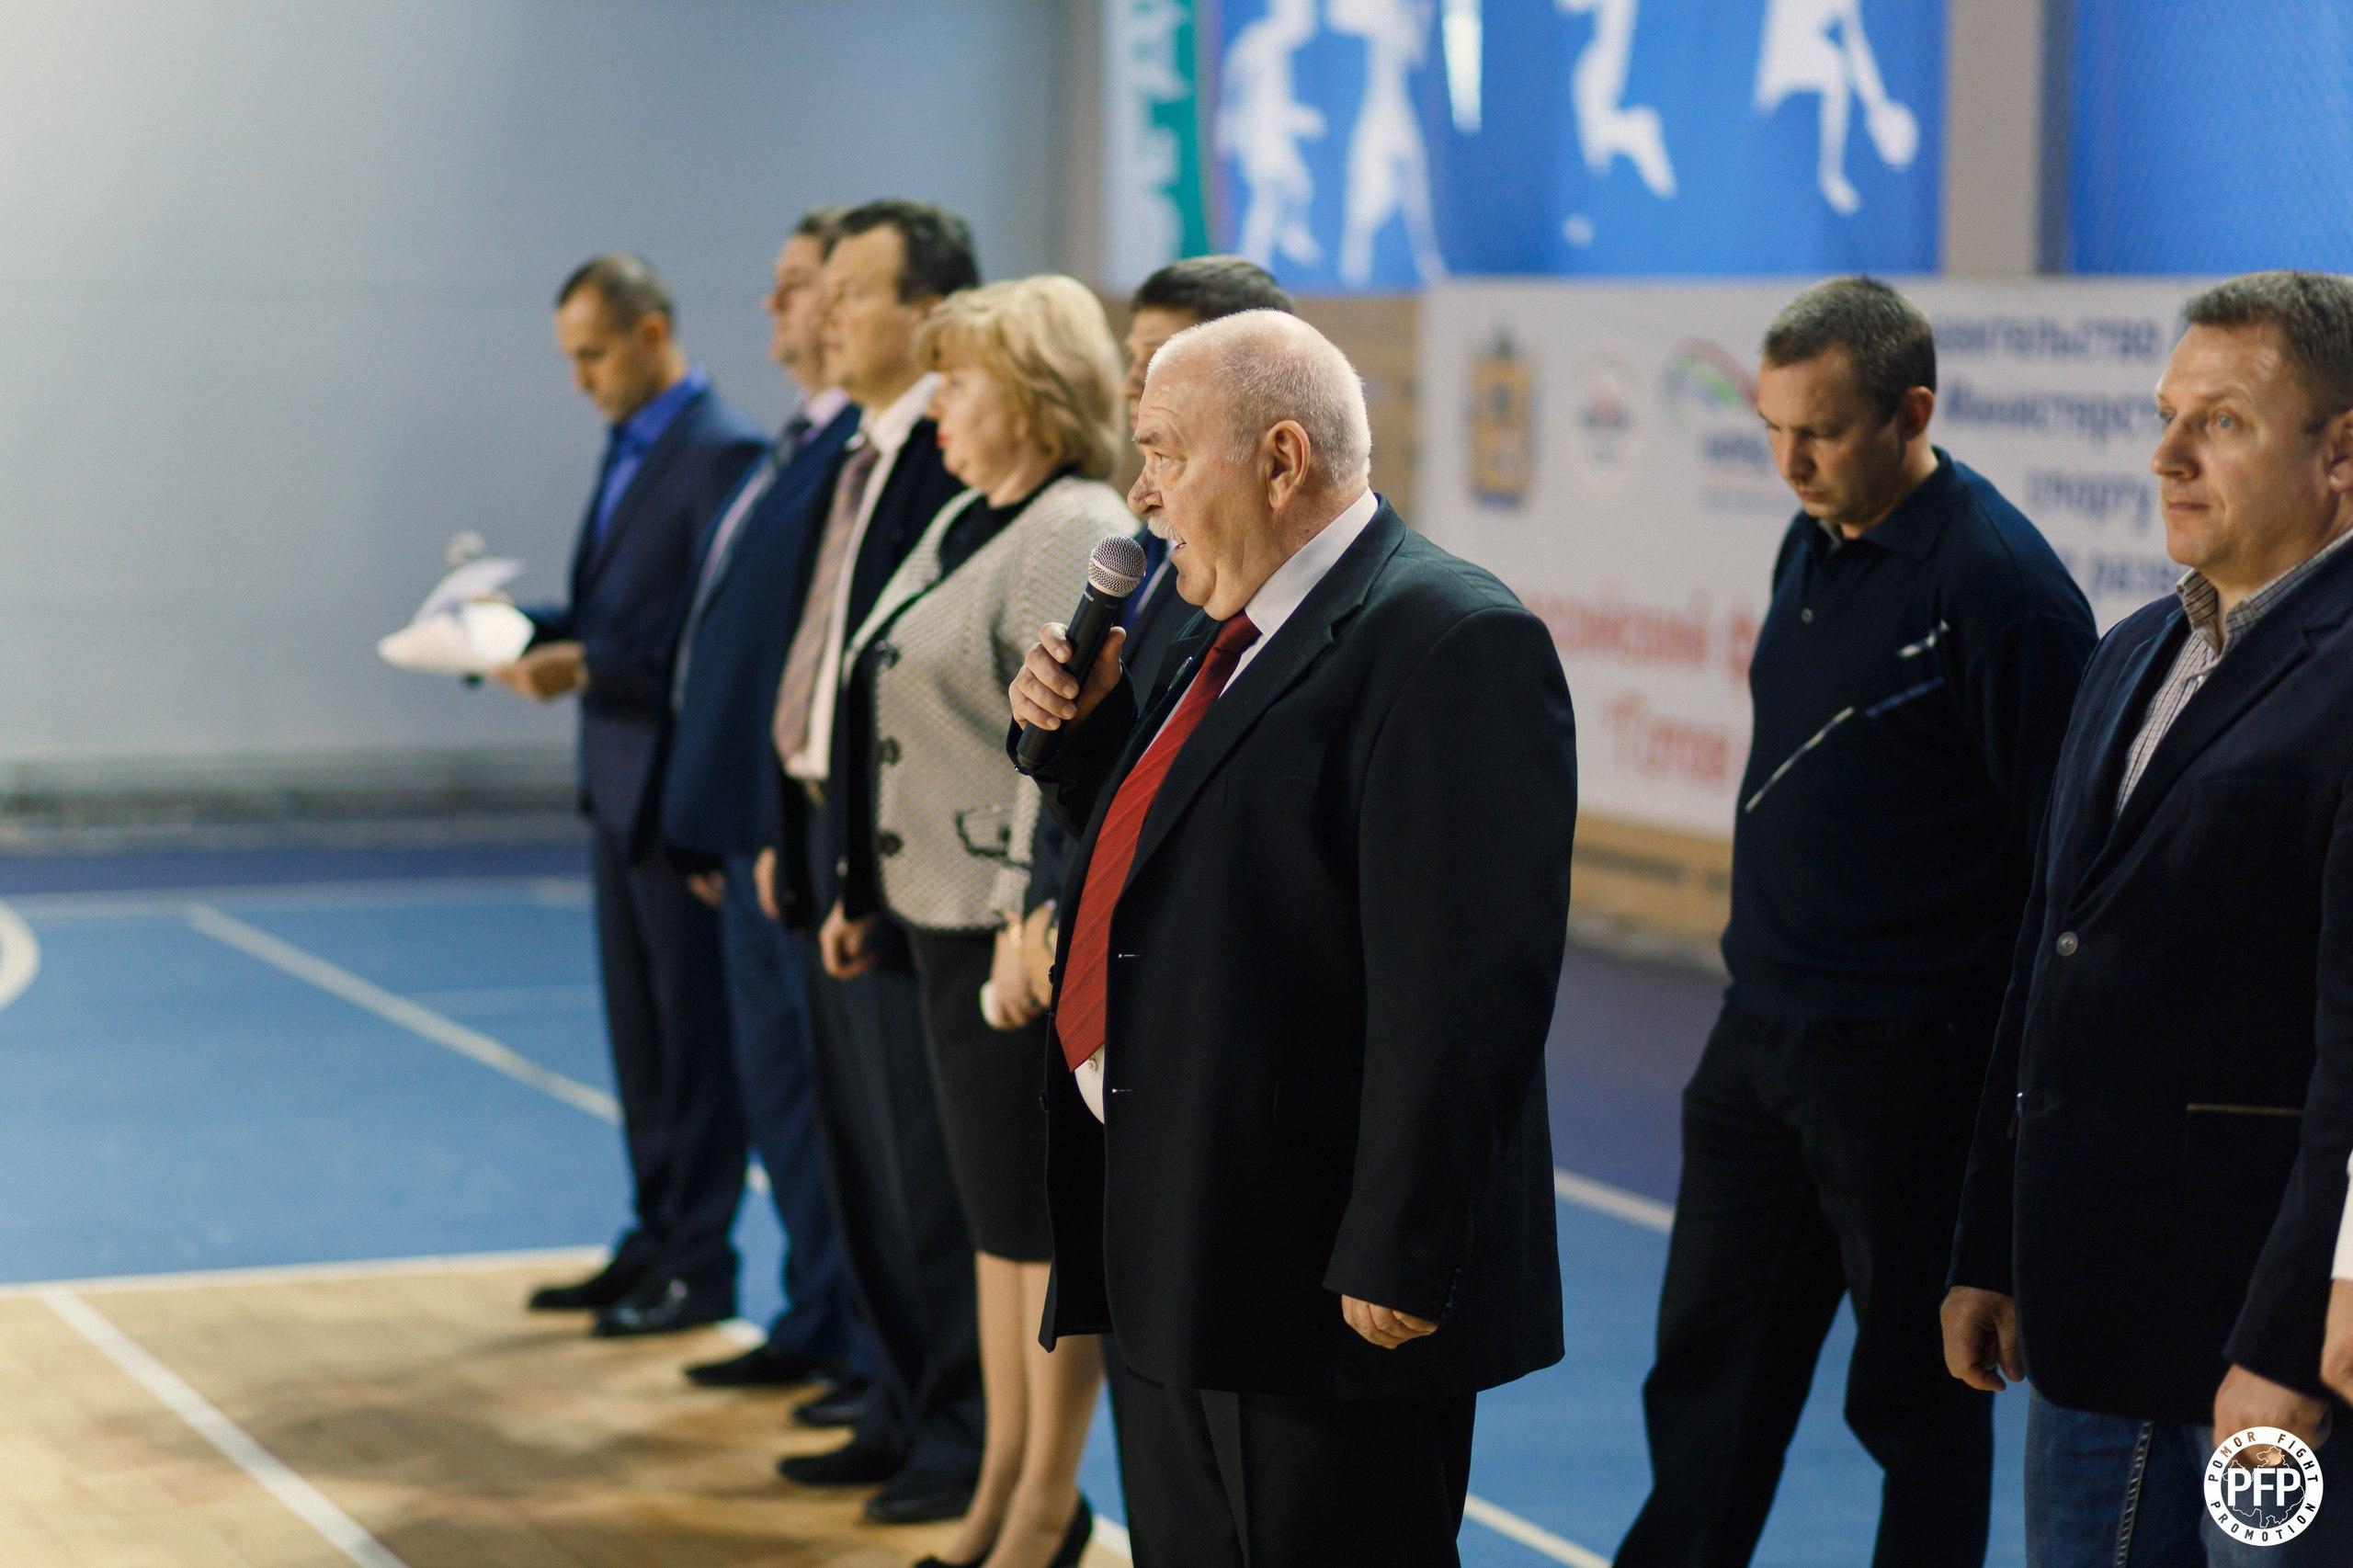 фото с турнира Рыбина А.В. Антуфьева Е.С. 2016_1